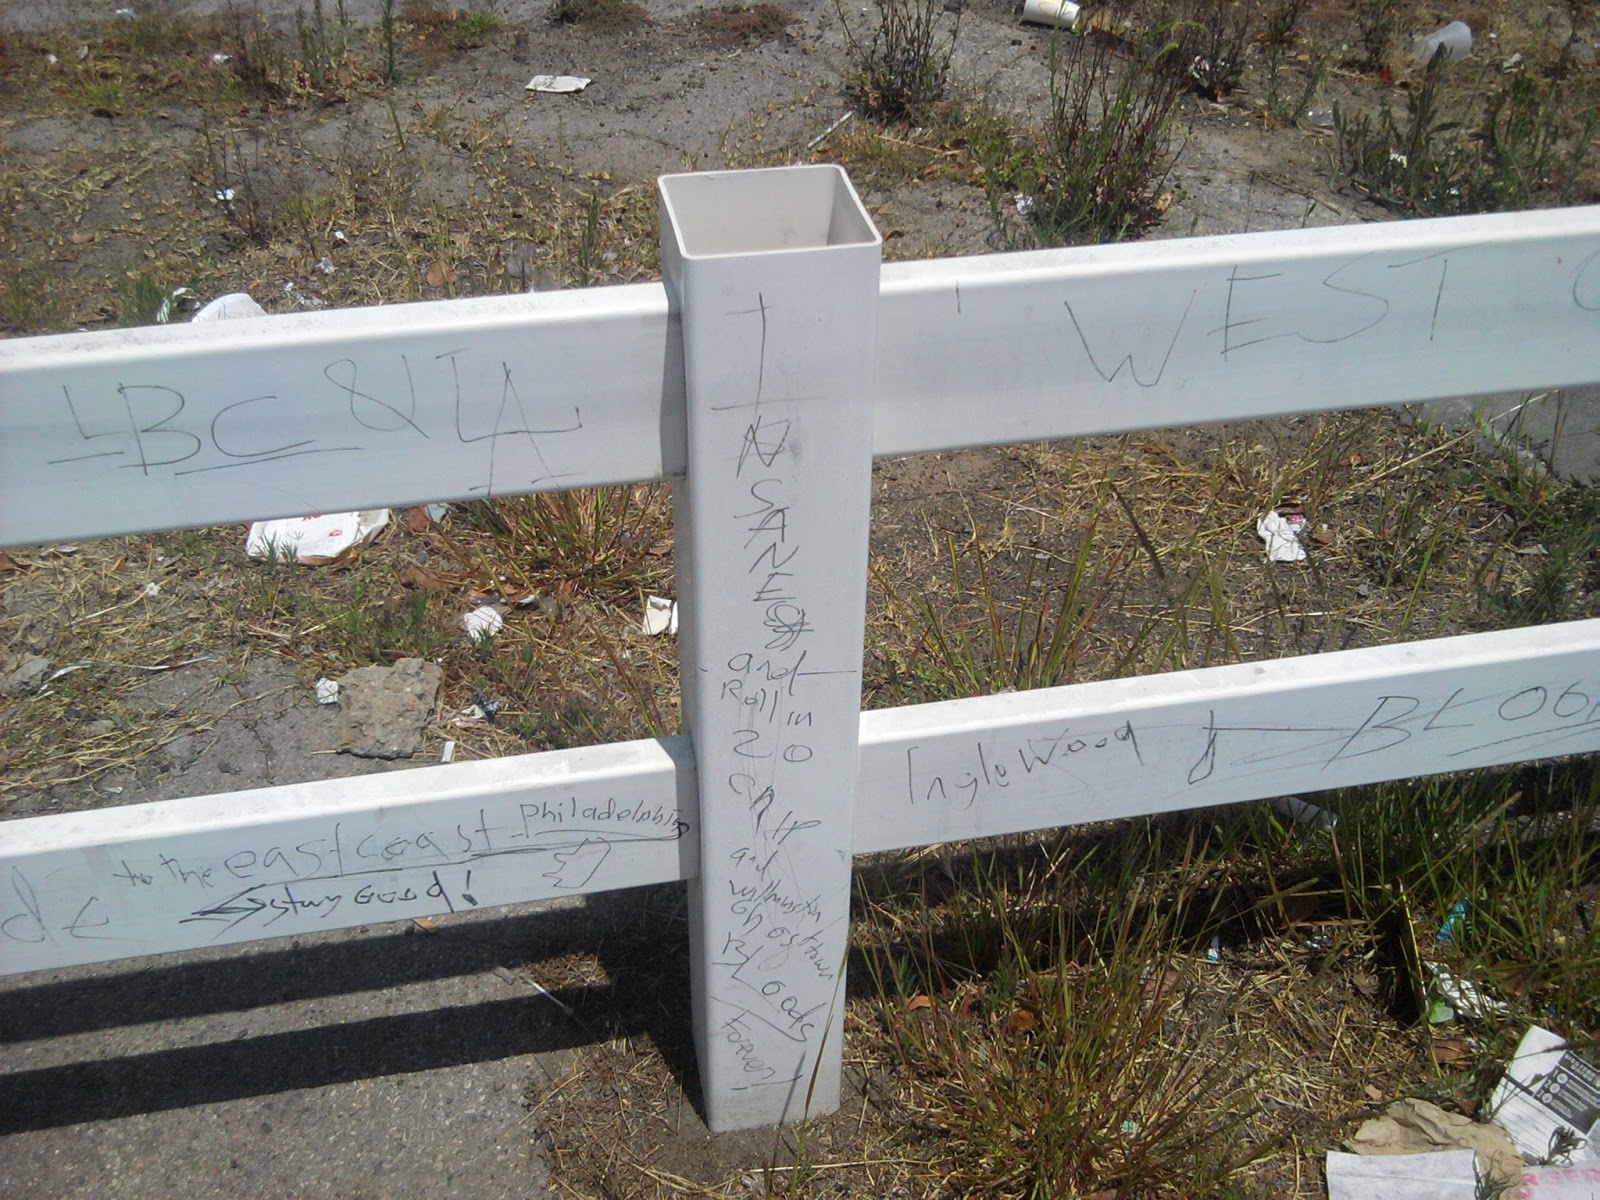 Long Beach Gang Graffiti: Rollin 20s NeighborHood Bloods – Billy Knight